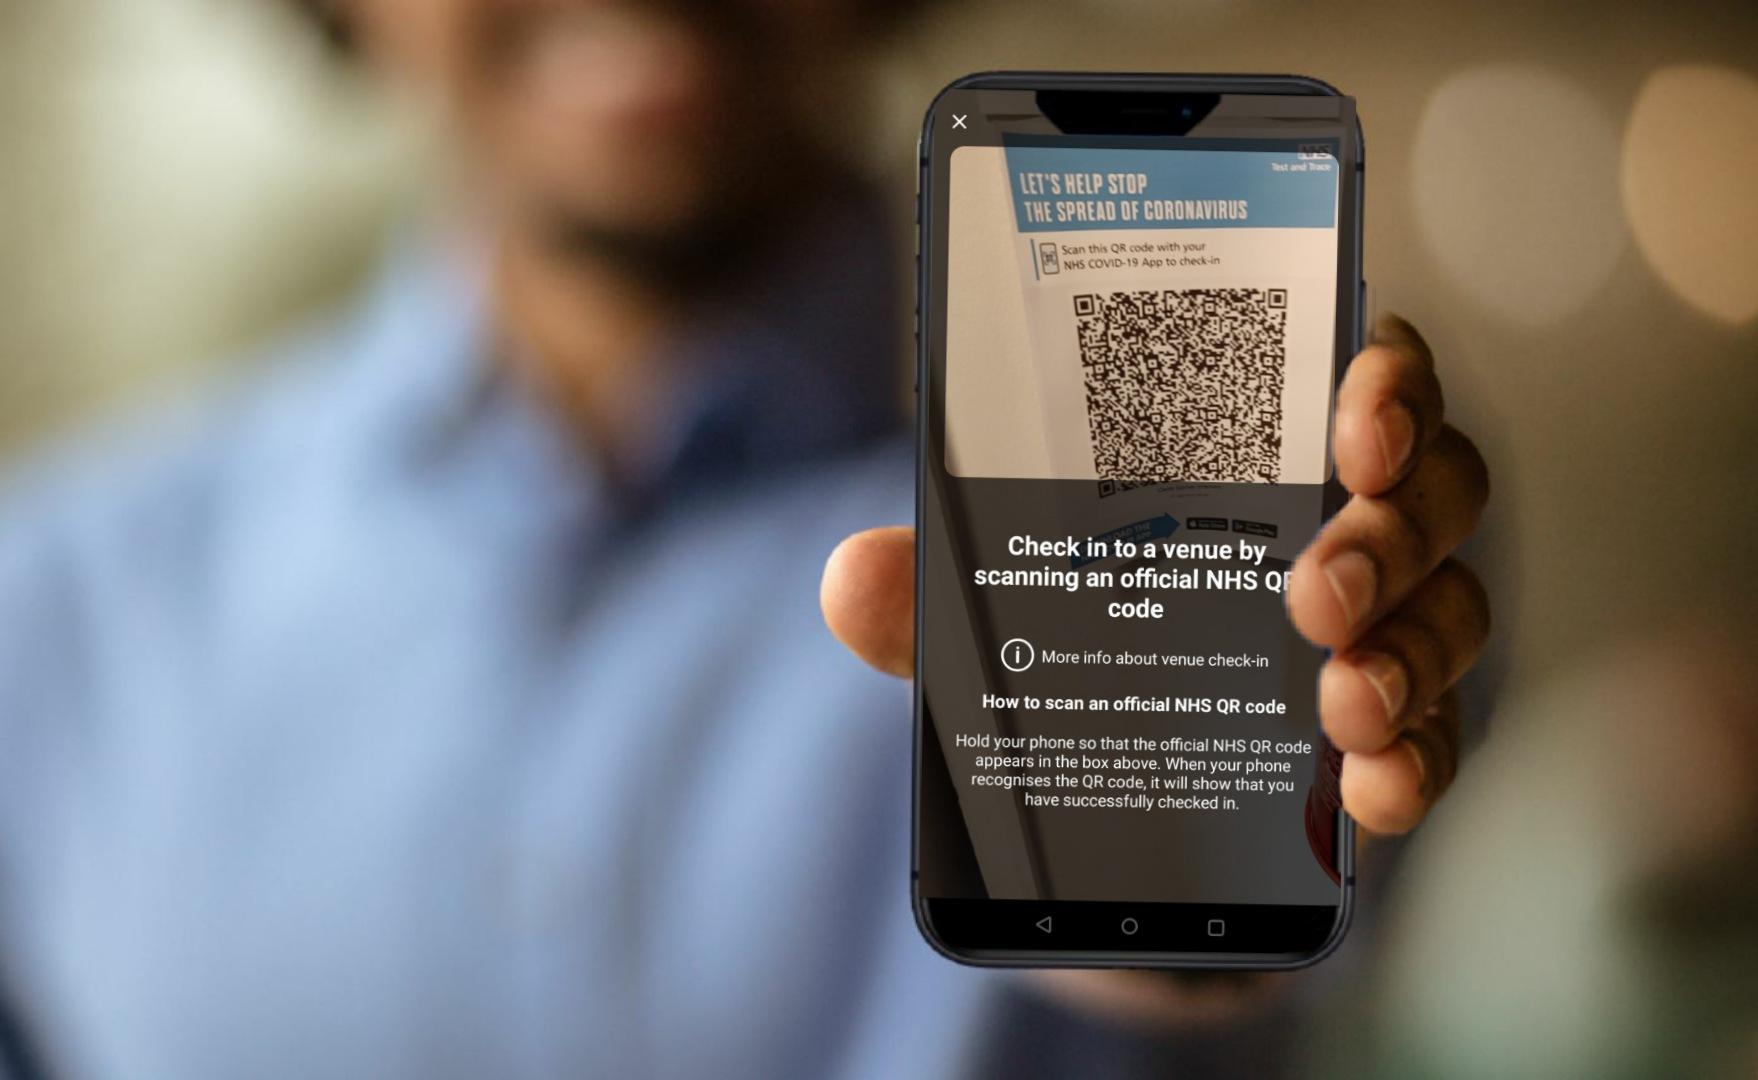 NHS QR Code Scan App